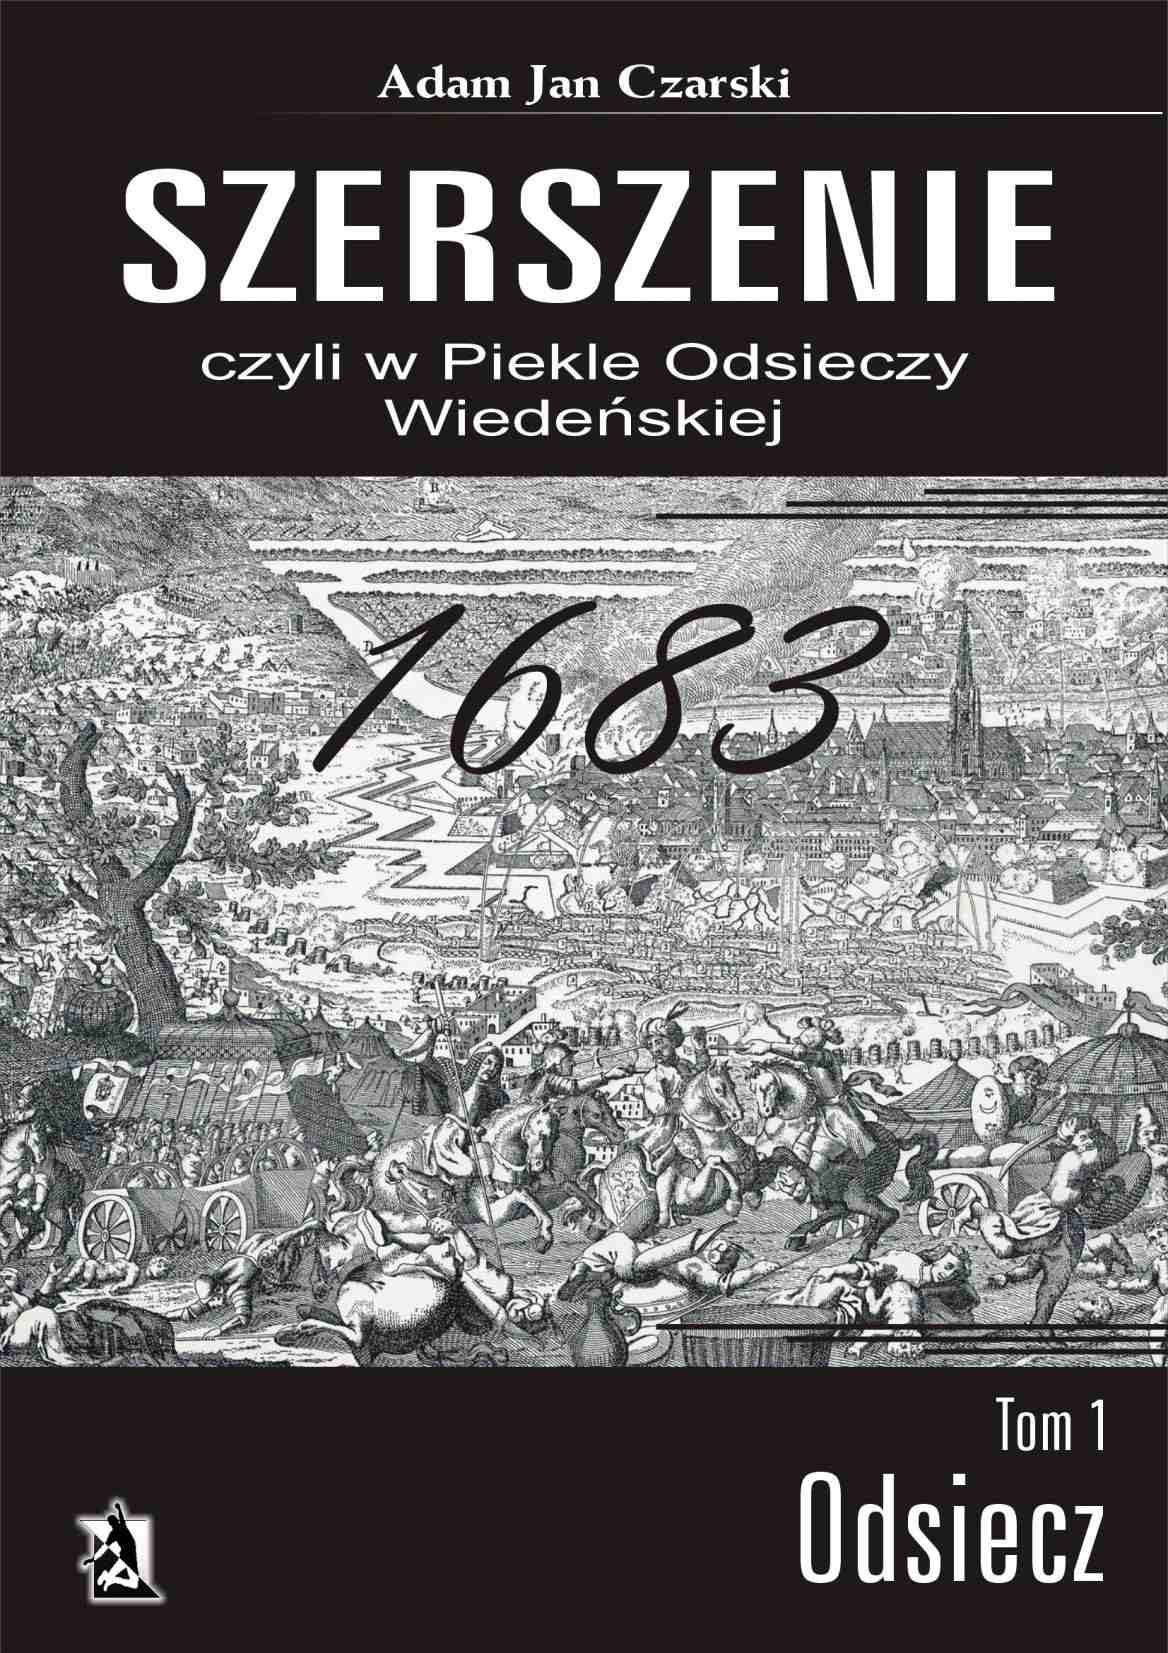 Szerszenie, czyli w piekle Odsieczy Wiedeńskiej. Tom I Odsiecz - Ebook (Książka EPUB) do pobrania w formacie EPUB